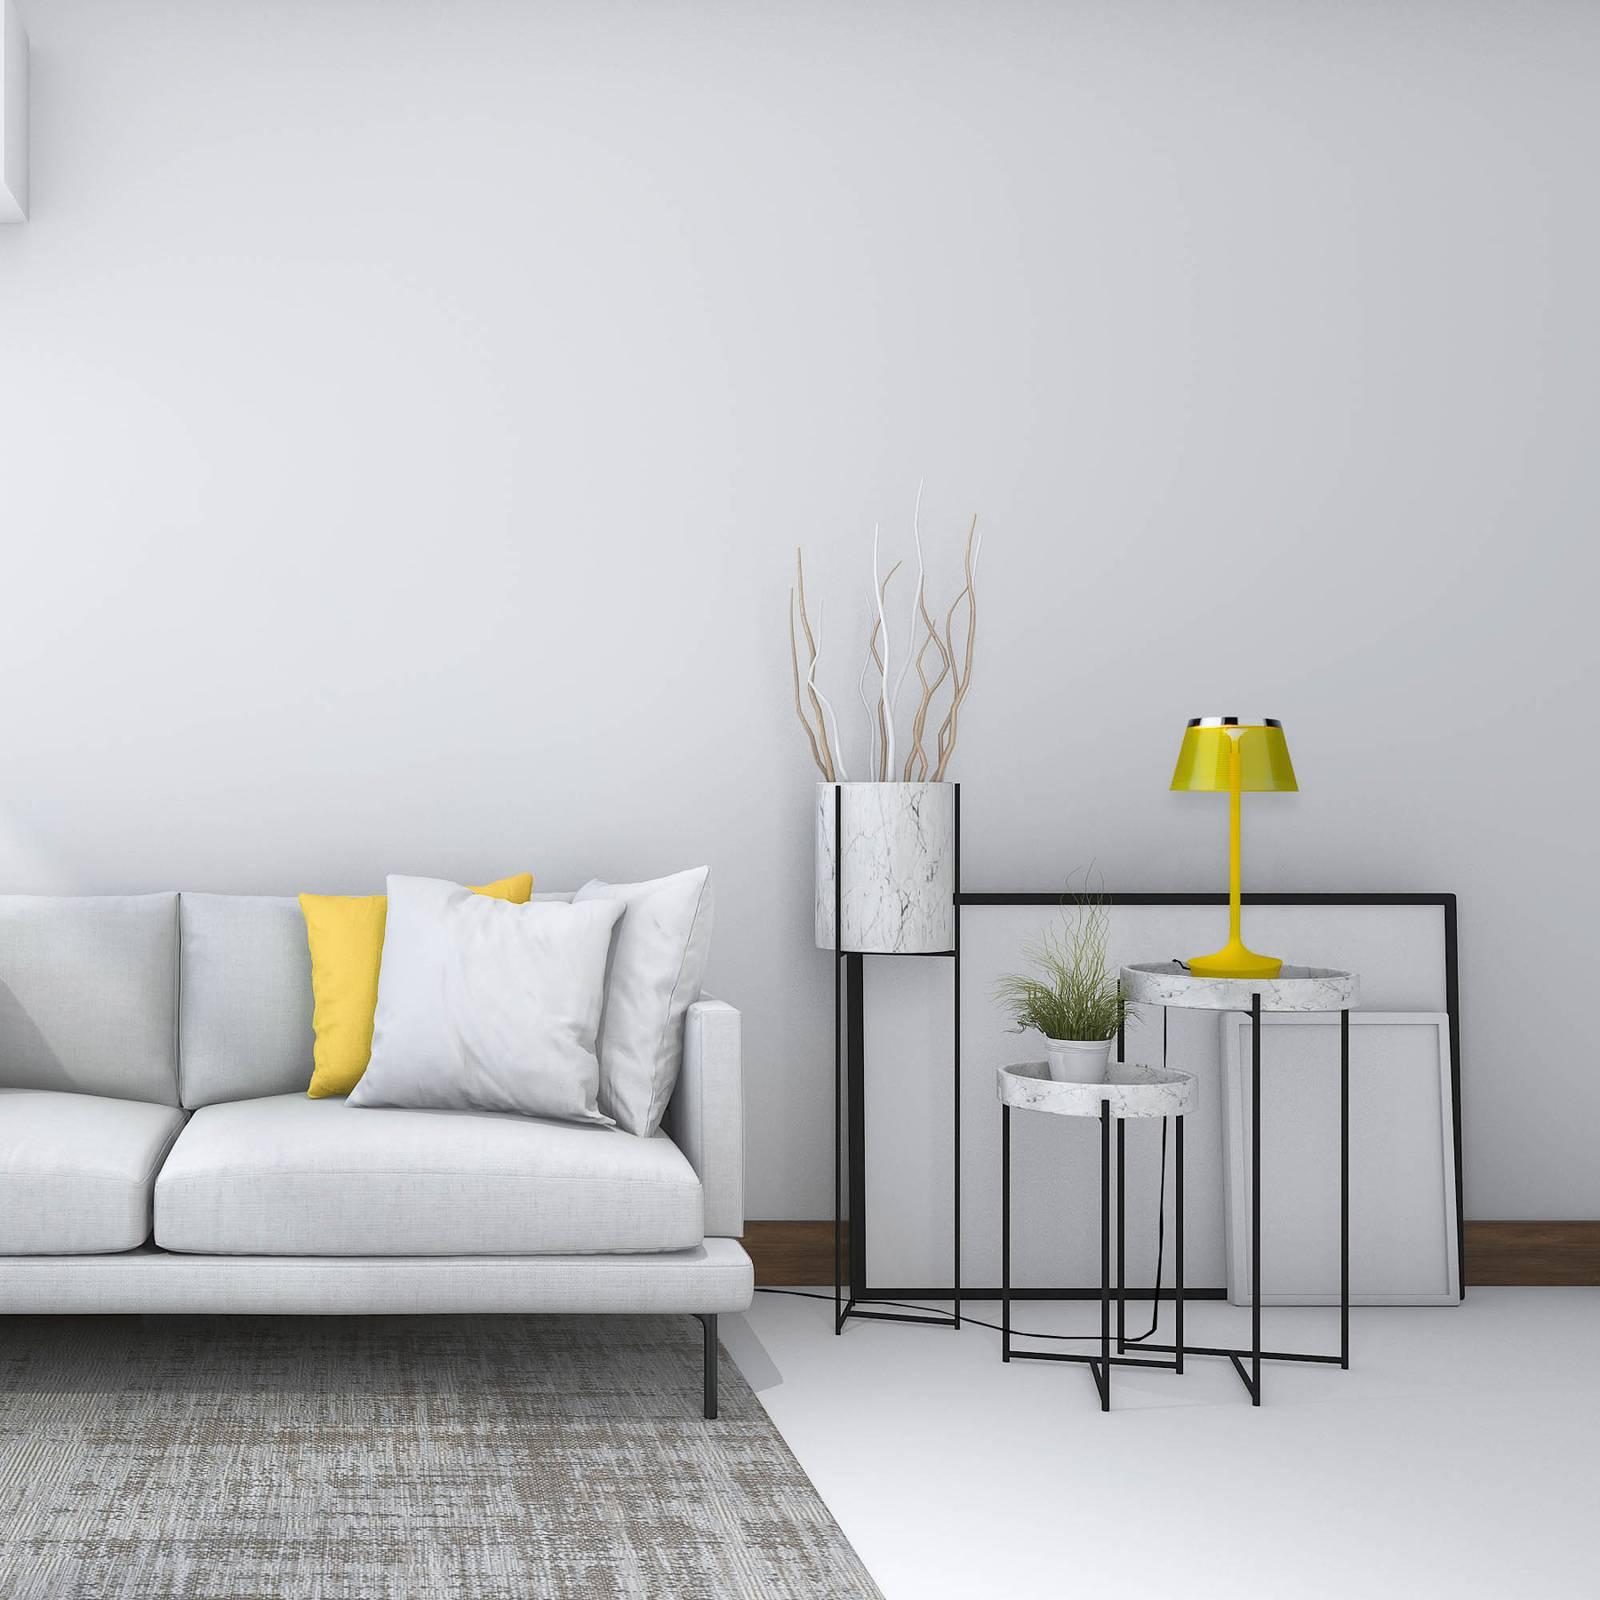 Aluminor La Petite Lampe-LED-pöytälamppu keltainen